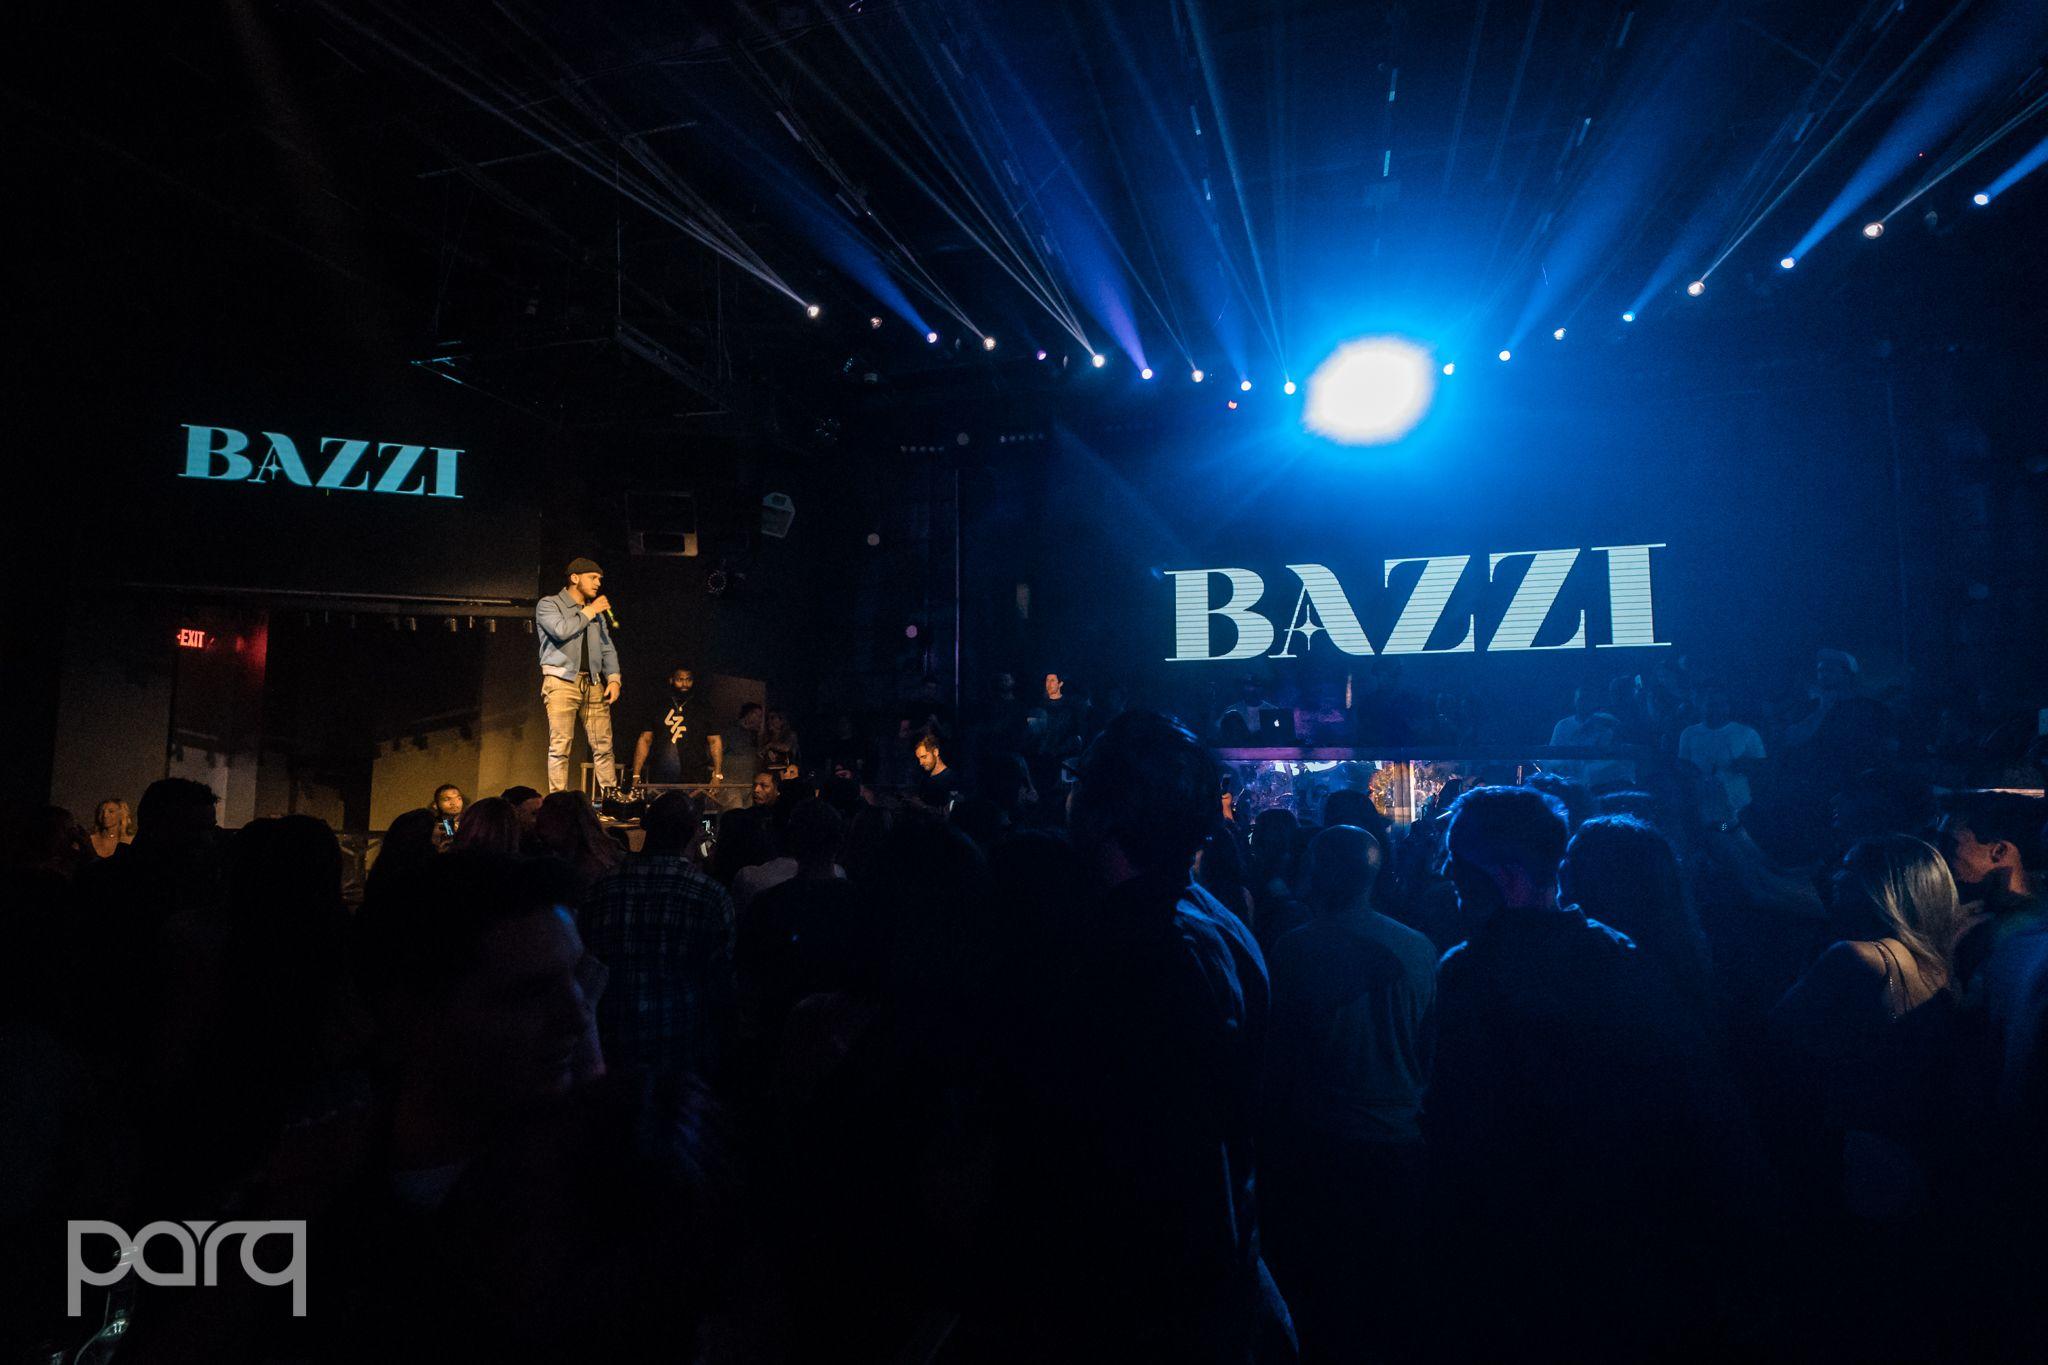 09.23.18 Parq - Bazzi-25.jpg